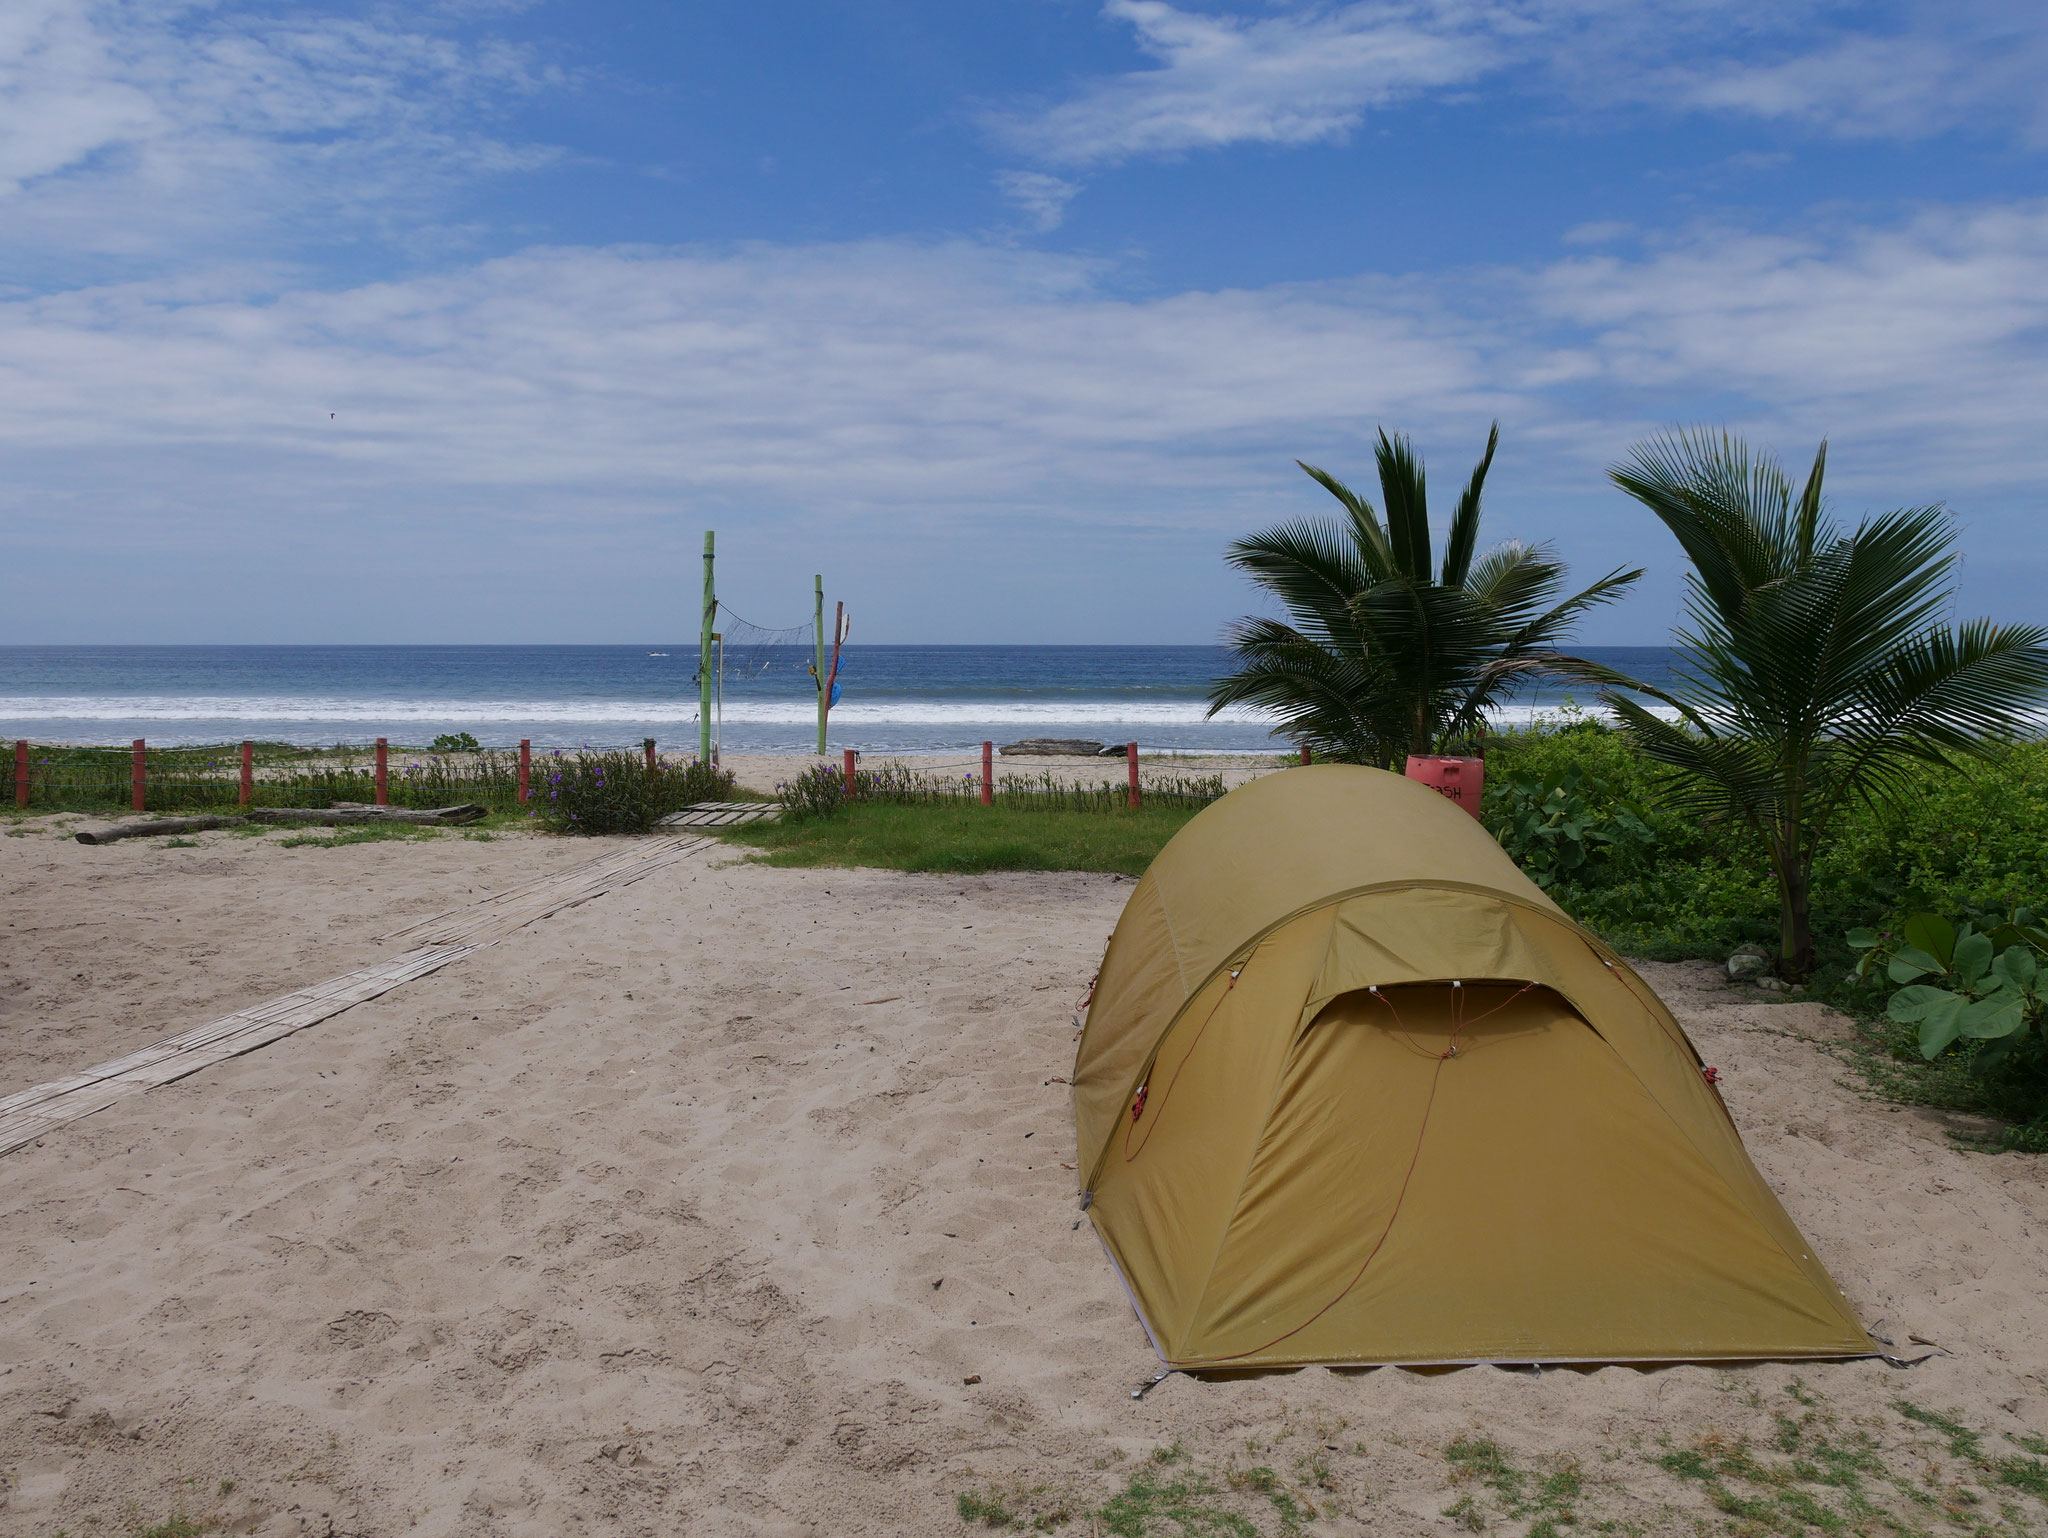 Camping in Montanita